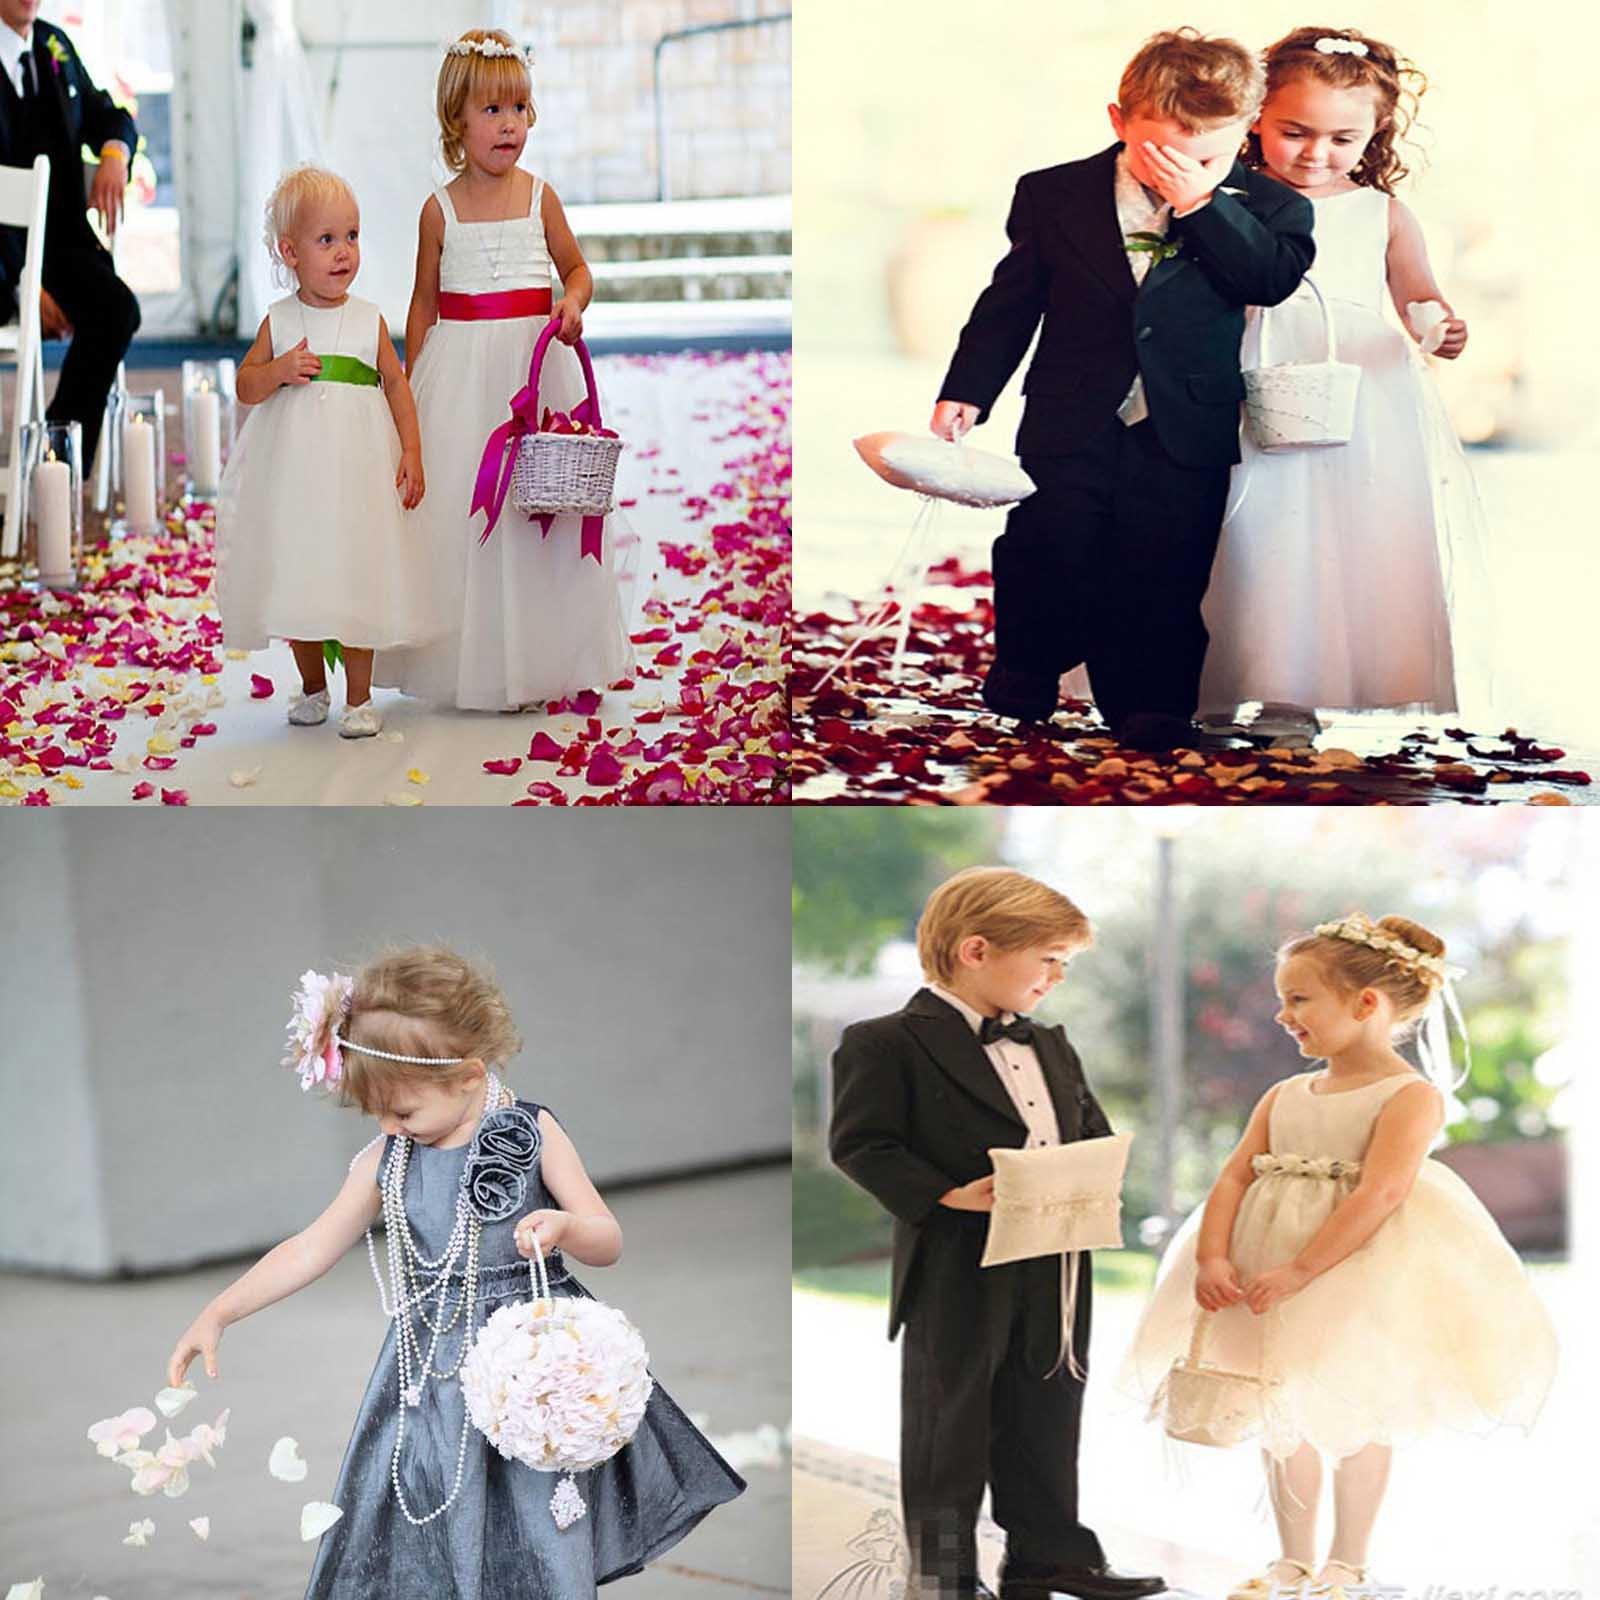 ARKSU 4pcs Wedding Sets Flower Girl Basket + Ring Bearer Pillow + Guest Book Pen + Pen Set Holder Rustic Bridal Wedding Shower Ceremony-Aqua Blue by ARKSU (Image #6)